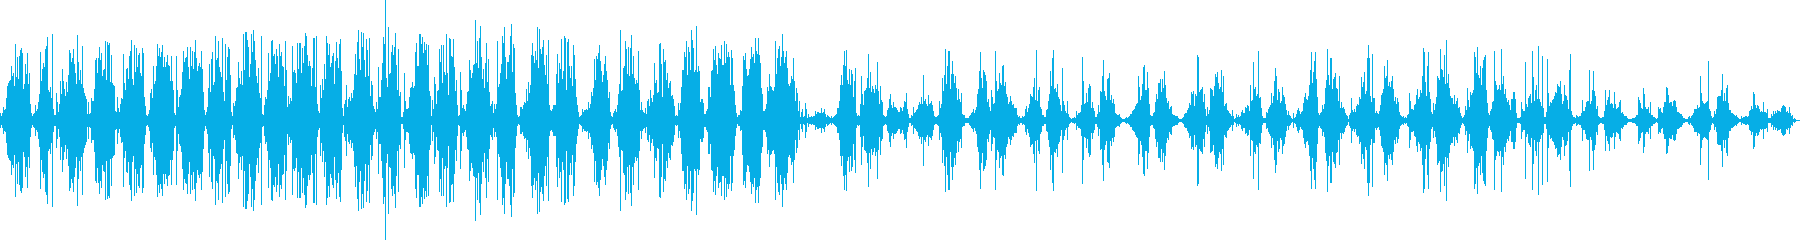 歯磨き(シャカシャカ)の再生済みの波形